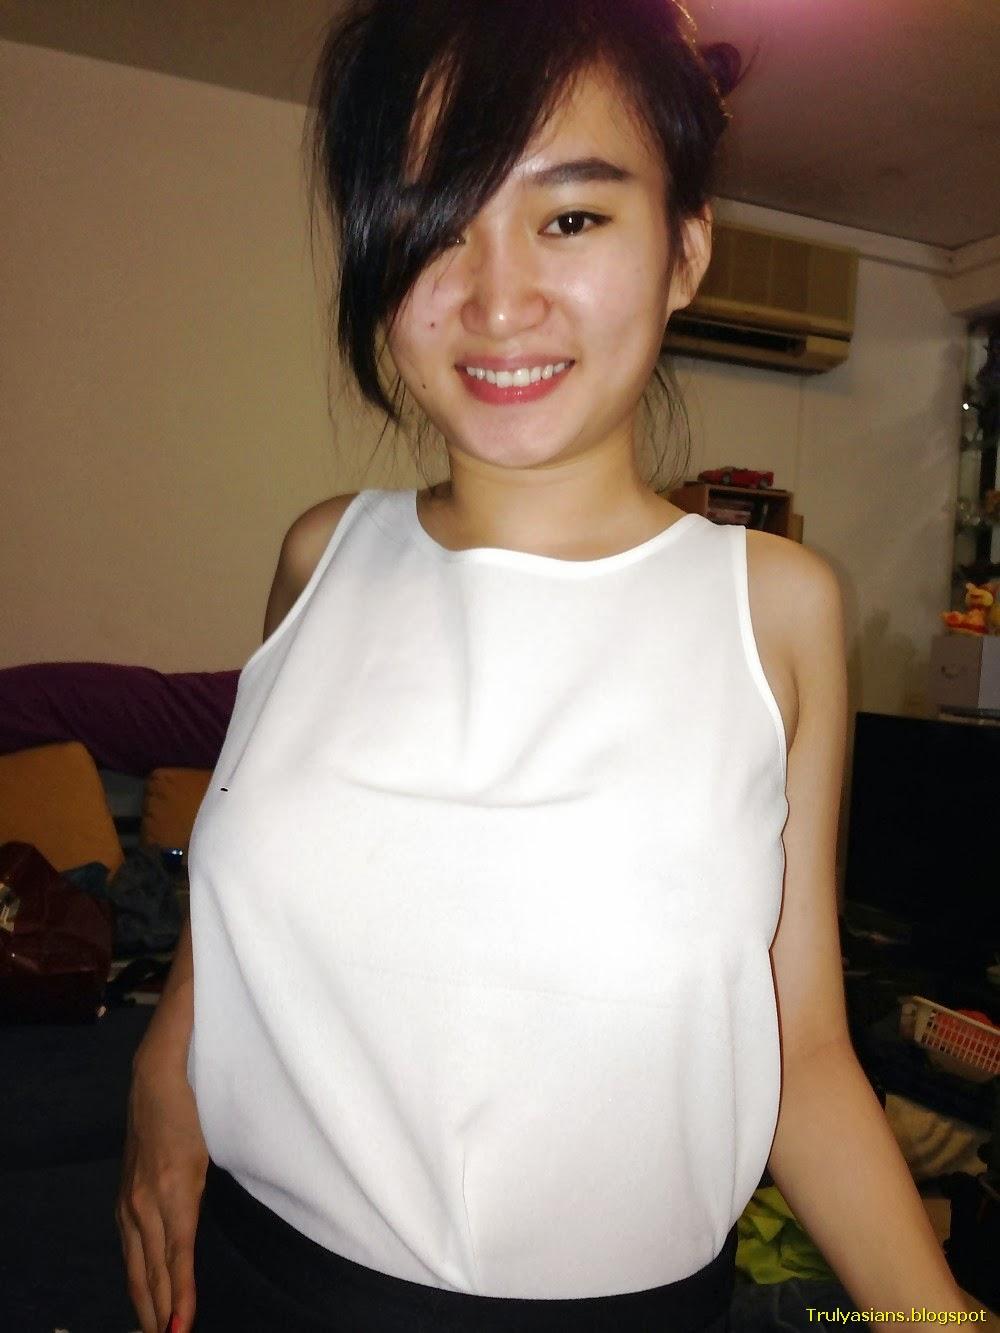 http://3.bp.blogspot.com/-RUh1kY6IORo/UpZ_t5AP5iI/AAAAAAAANu4/8yQzepKDzVc/s1600/trulyasians.blogspot+-+Taiwan+GF+Wild+Sex+in+Singapore+003+.jpg